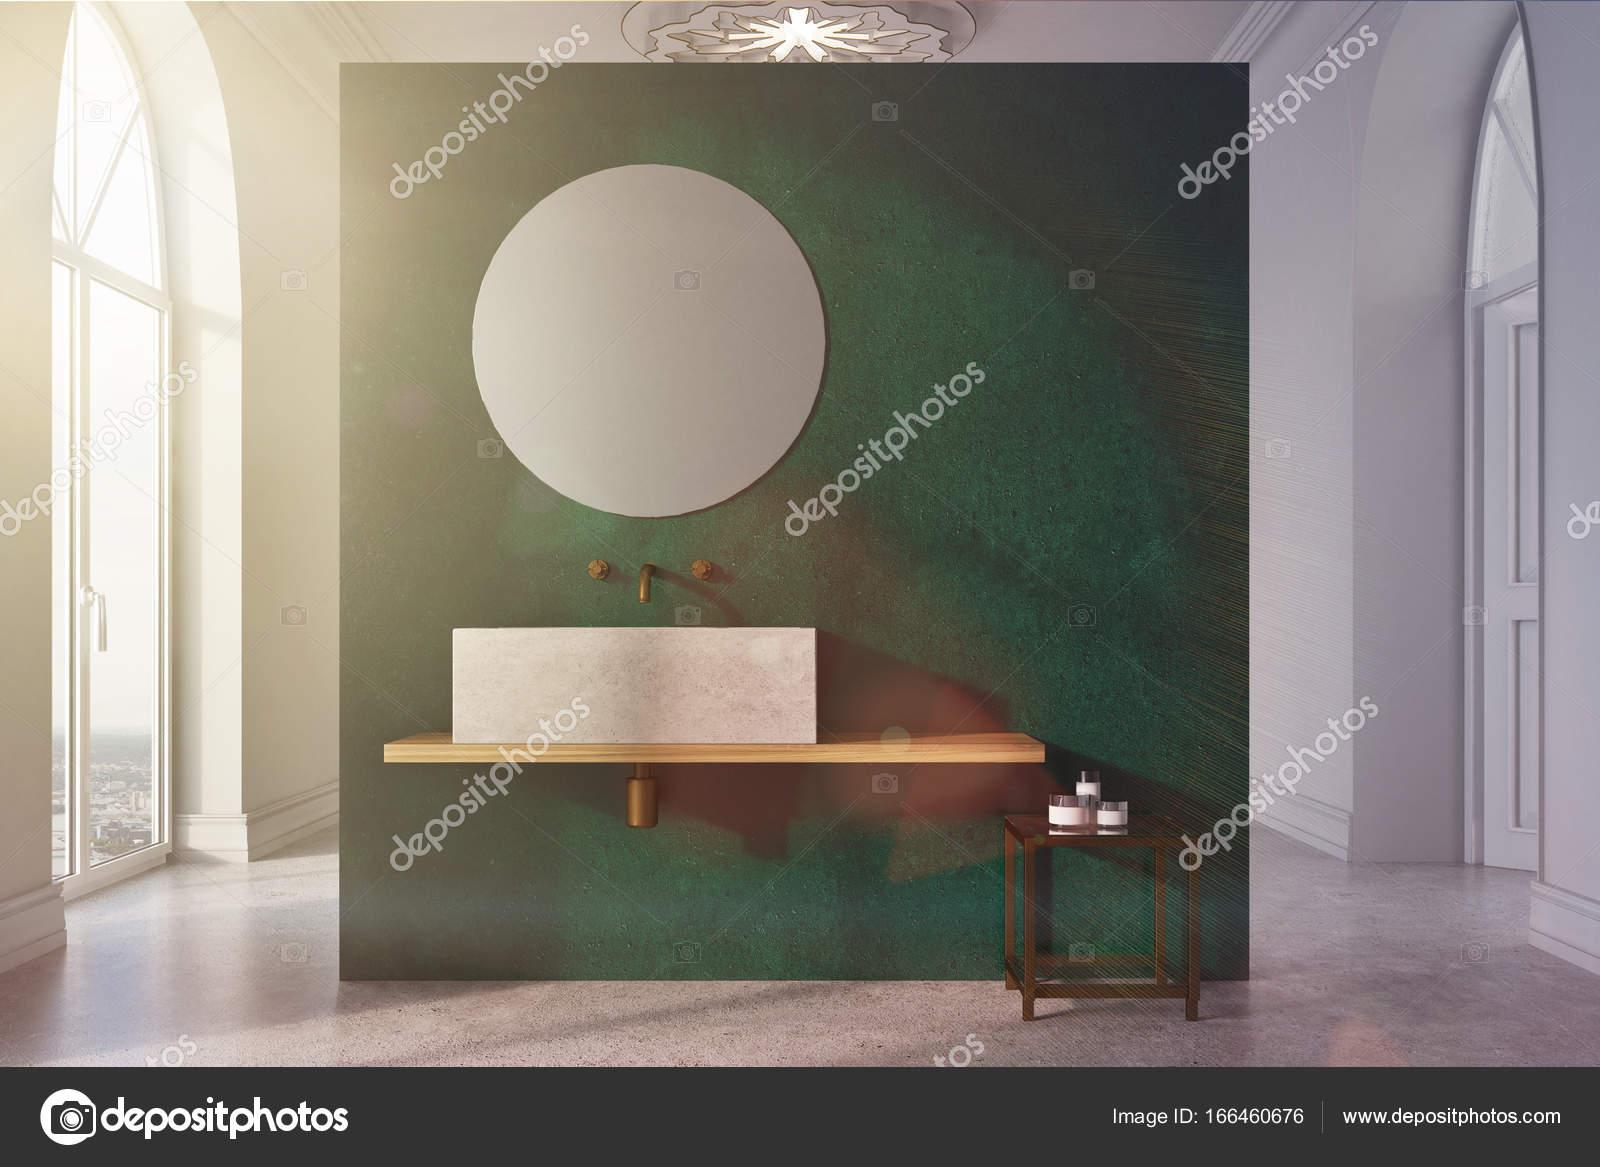 Grüne und weiße Badezimmer, Waschbecken und Spiegel getönt ...